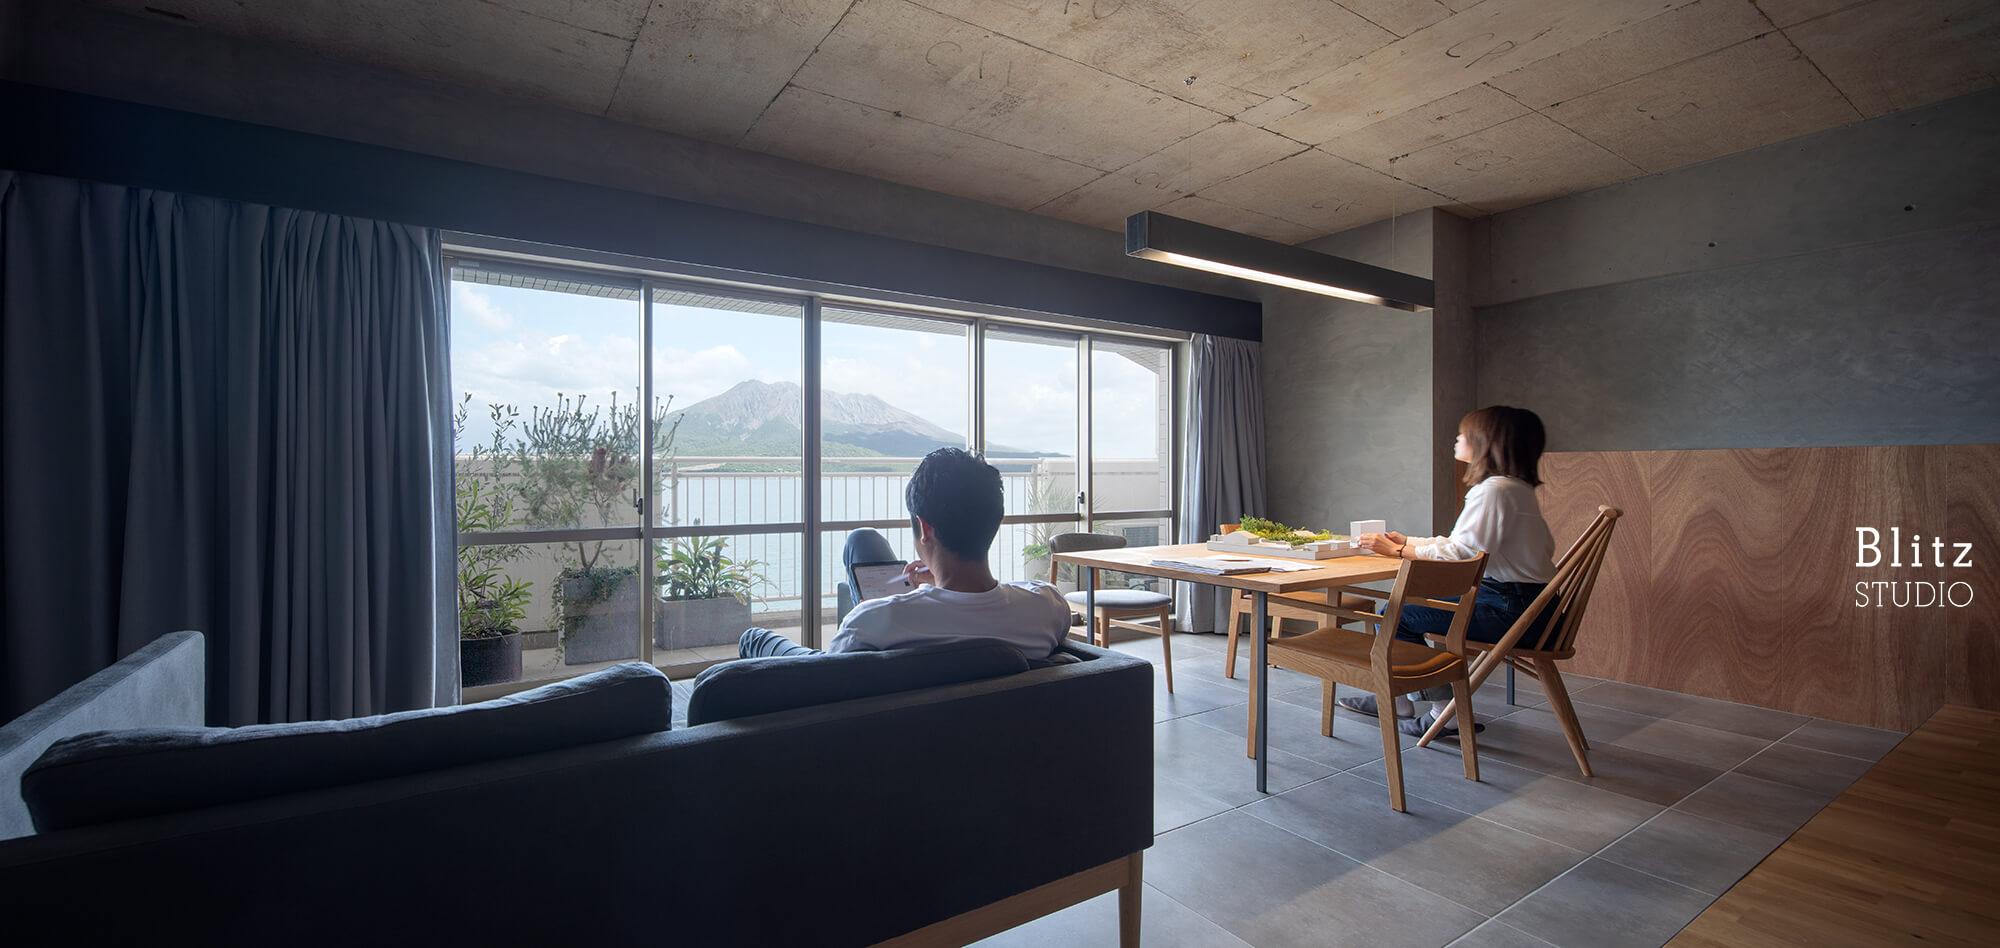 『酒井建築事務所 鹿児島オフィス』建築写真・竣工写真・インテリア写真6